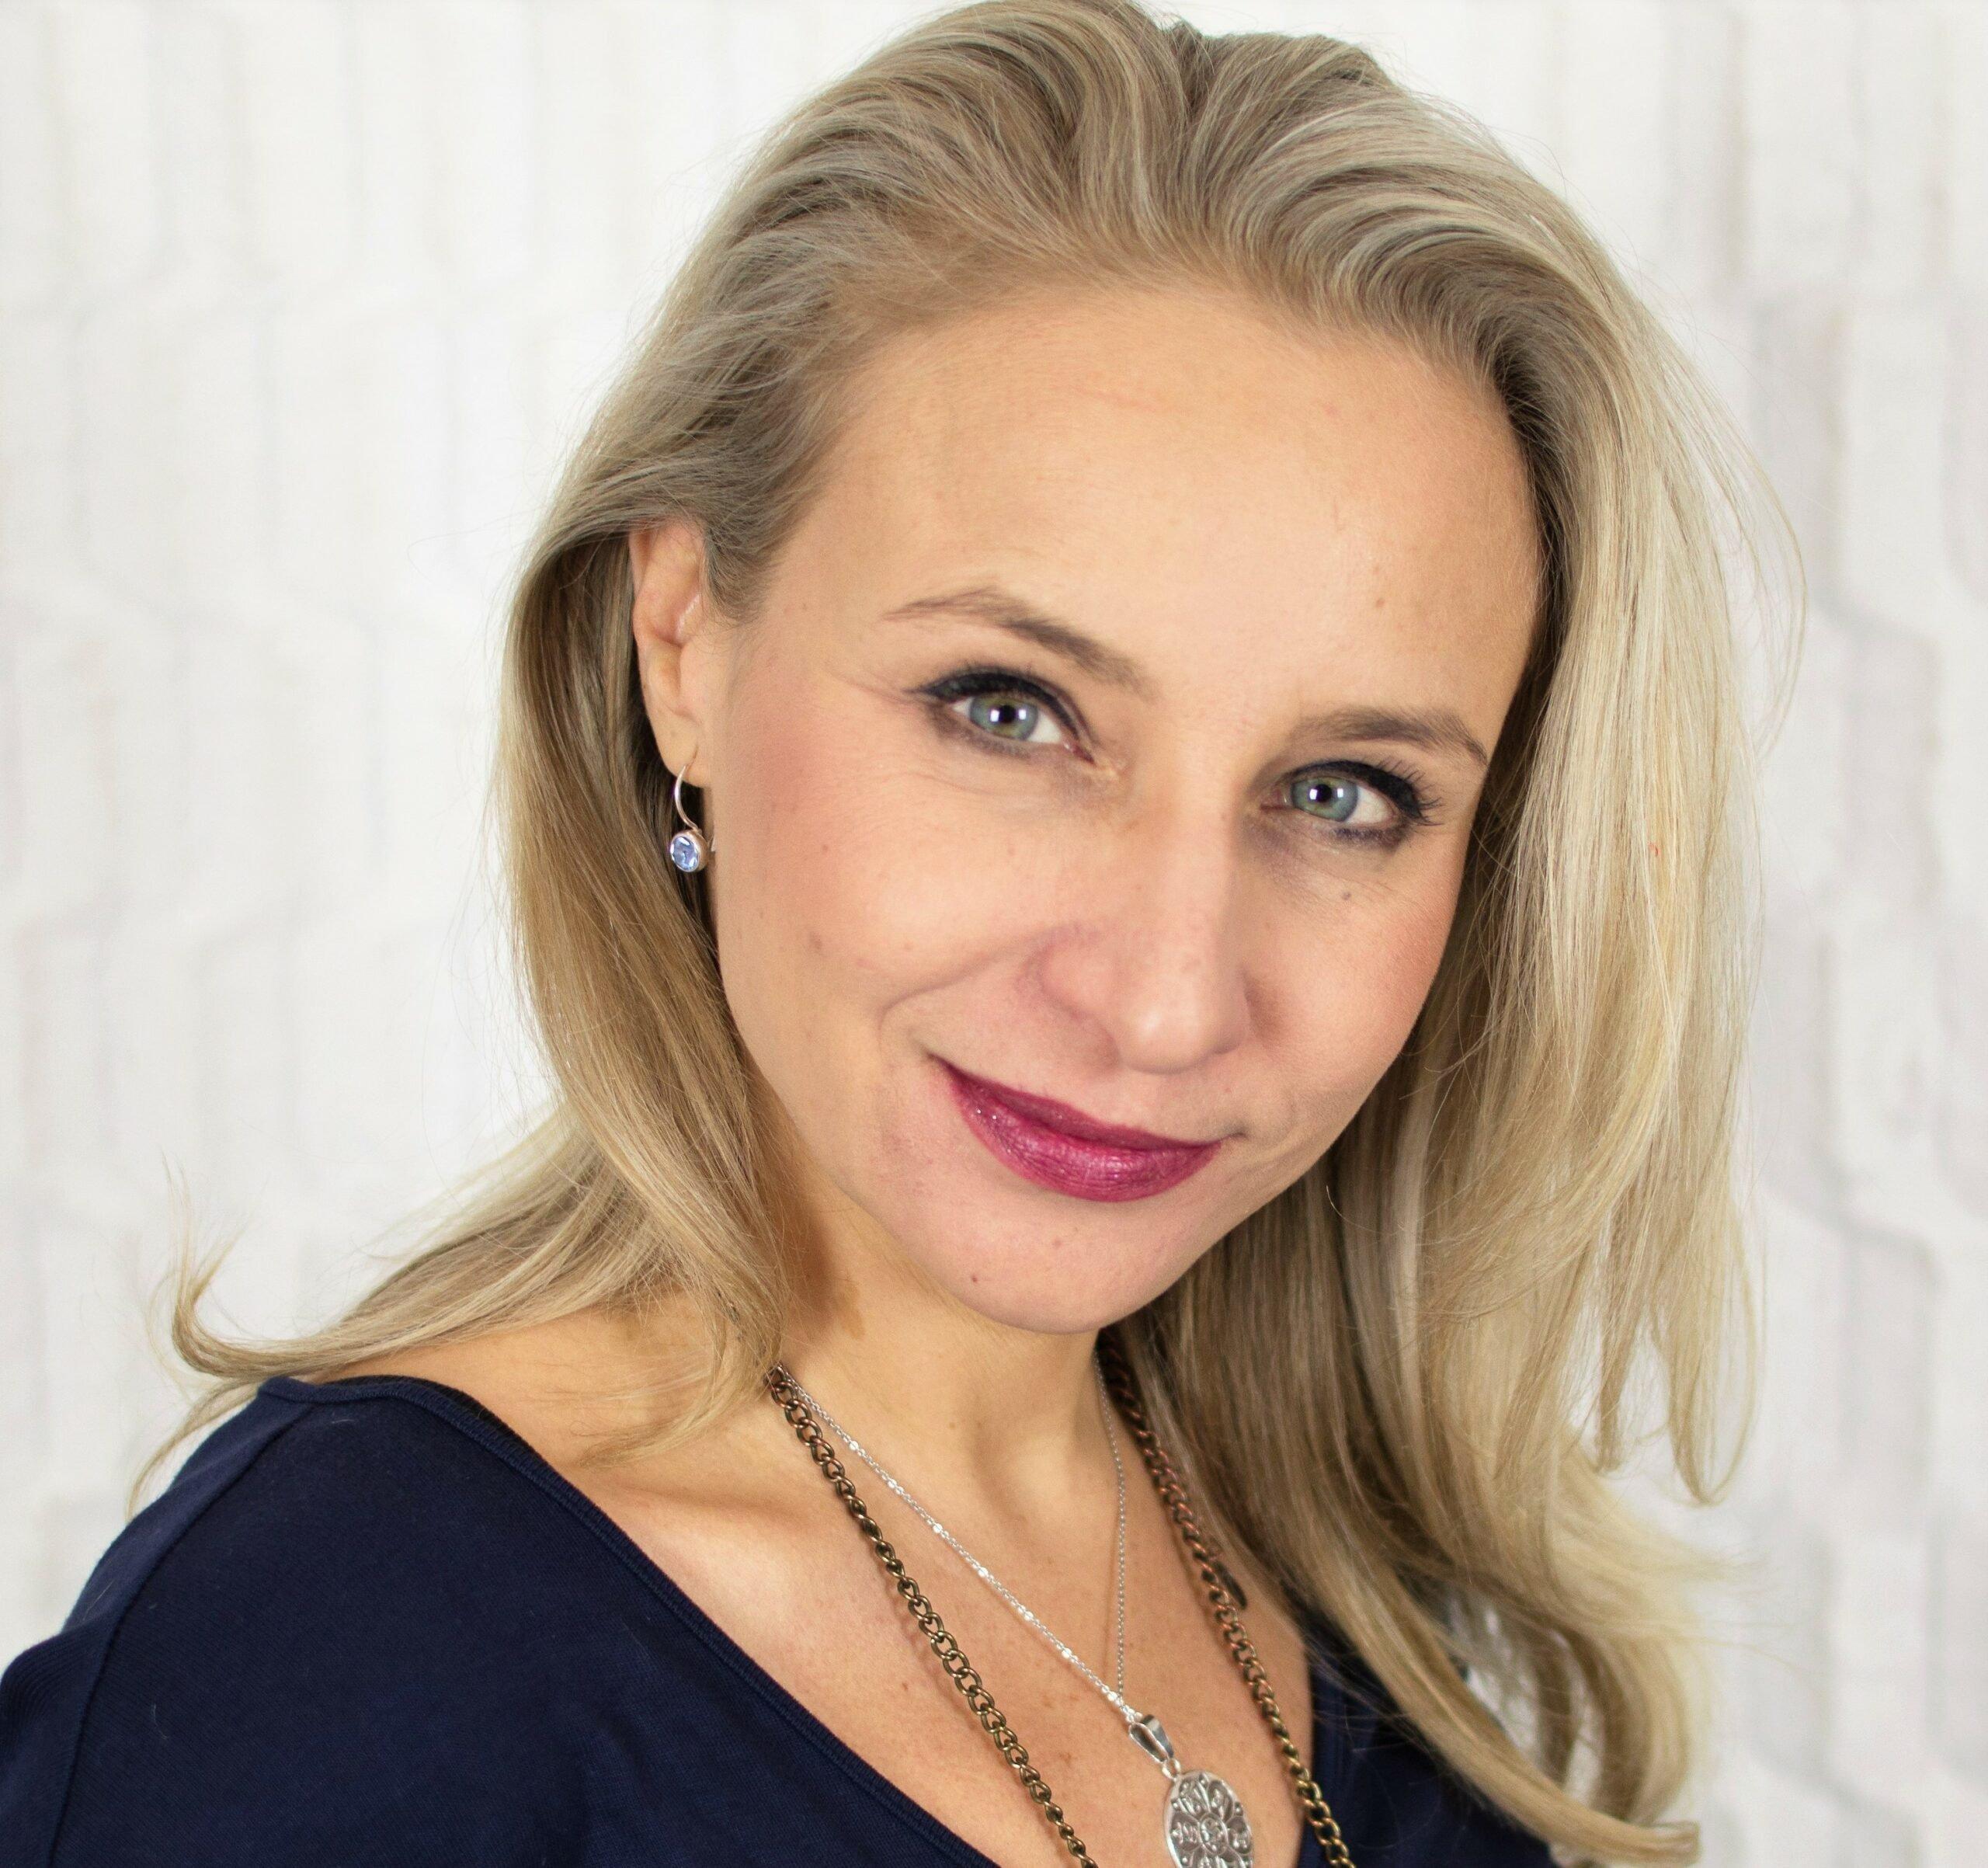 Marta Kuszakiewicz